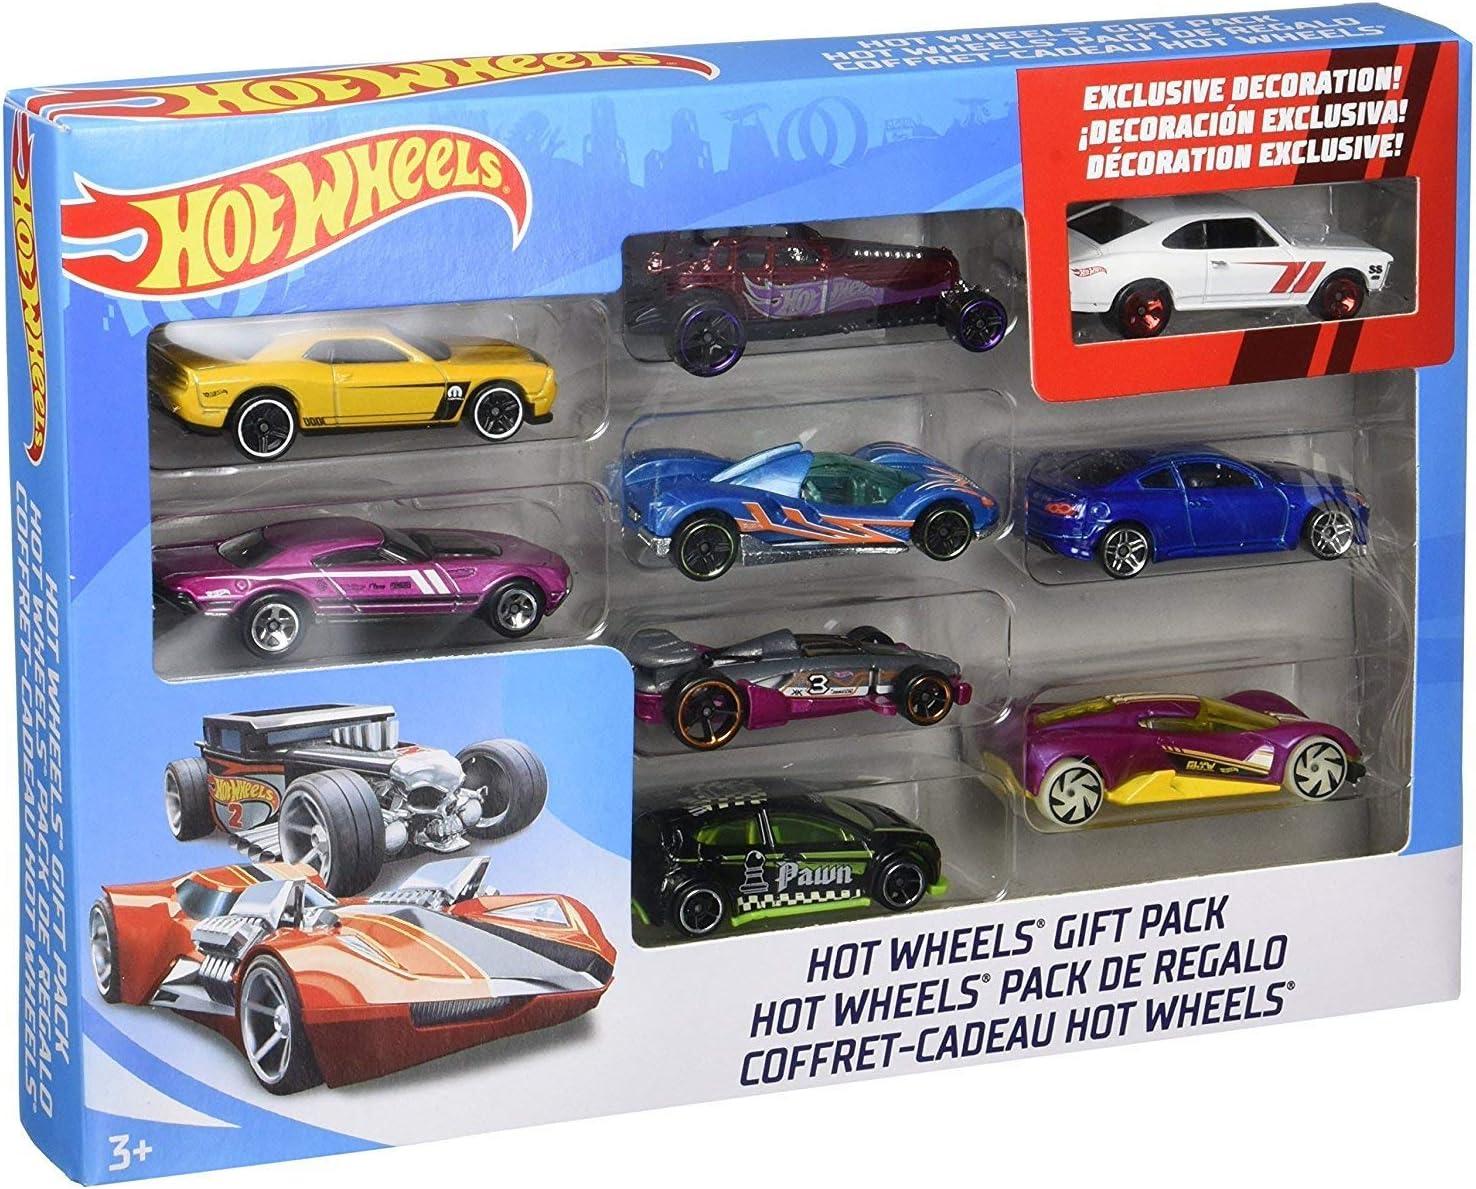 Mattel Hot Wheels X6999 vehículo de juguete Vehículos de juguete (Multicolor, Vehicle set, 3 año(s), 1:64, China, CE, WEEE) , colormodelo surtido